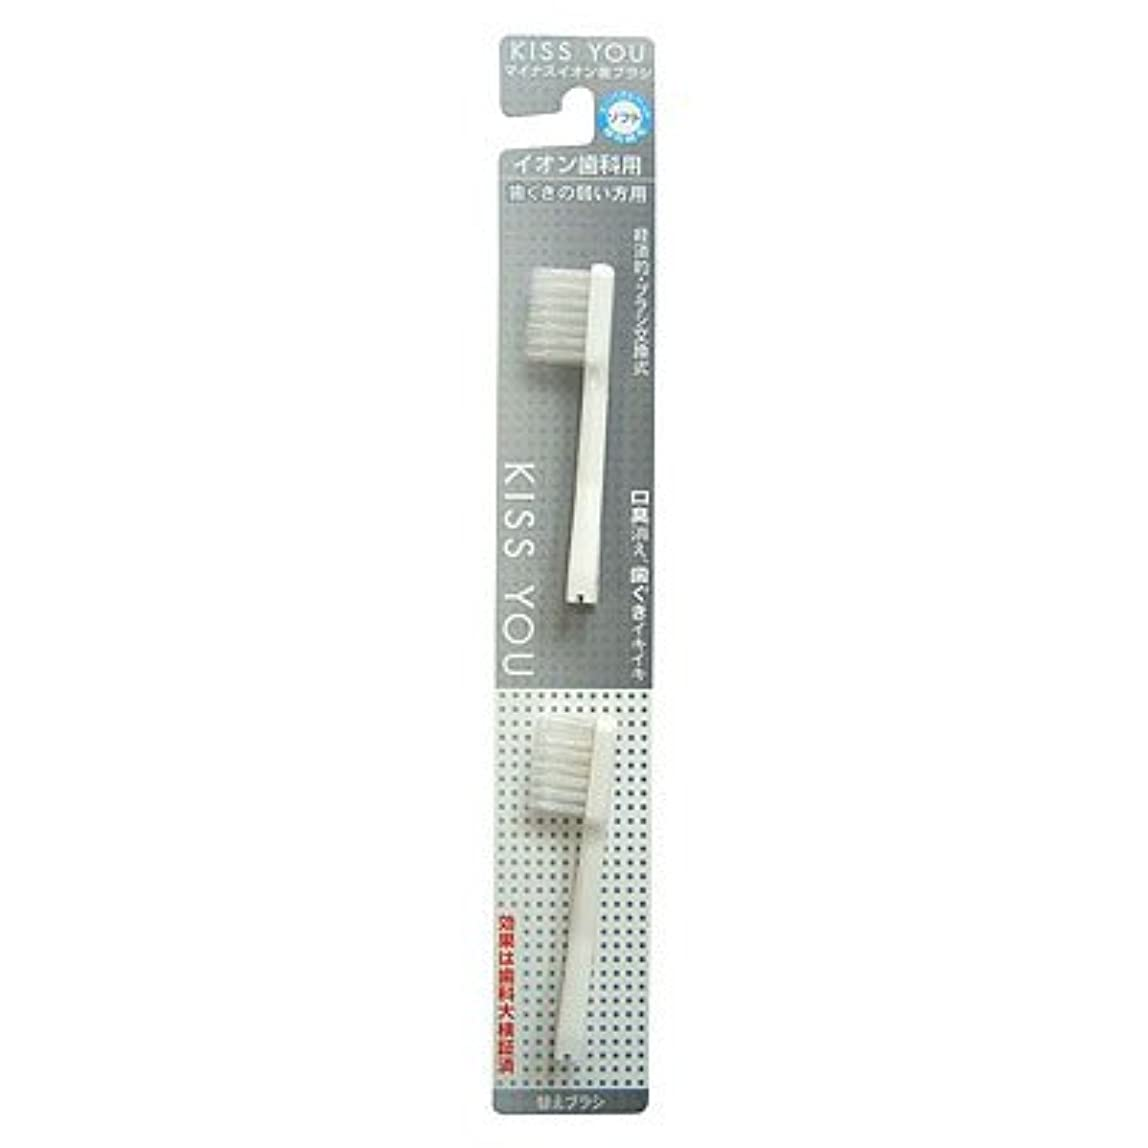 出発する霧しみキスユーイオン歯科用替えブラシ ソフト